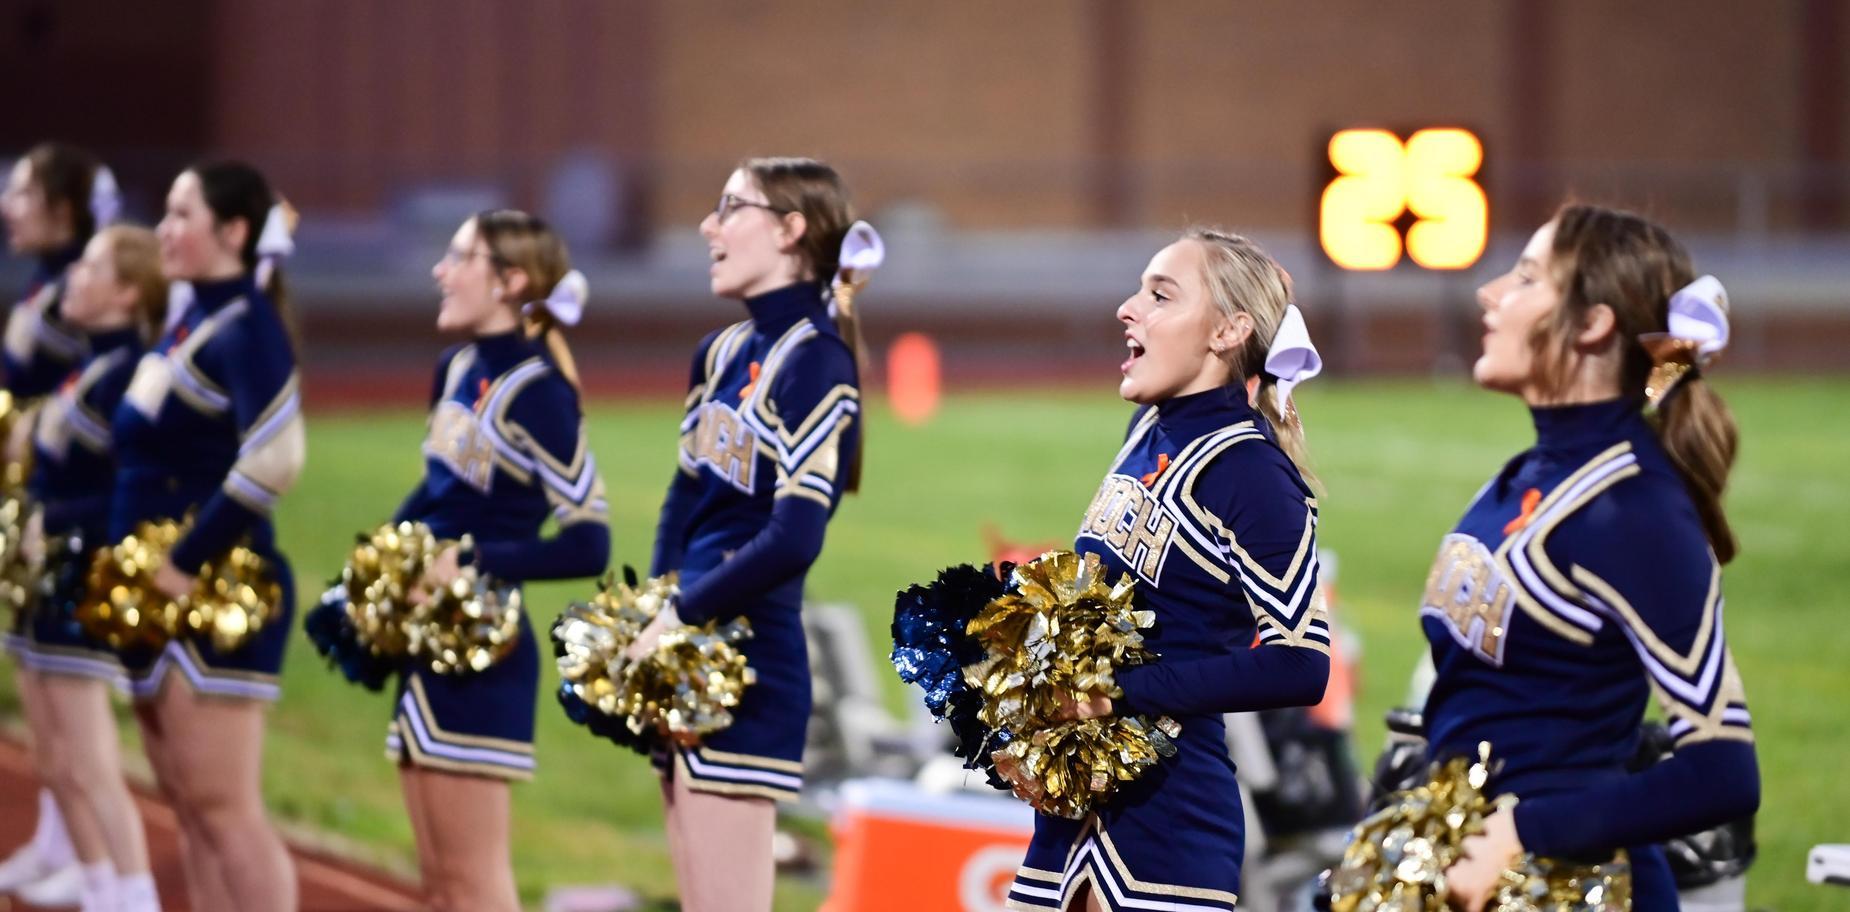 Cheerleaders on sidelines during game